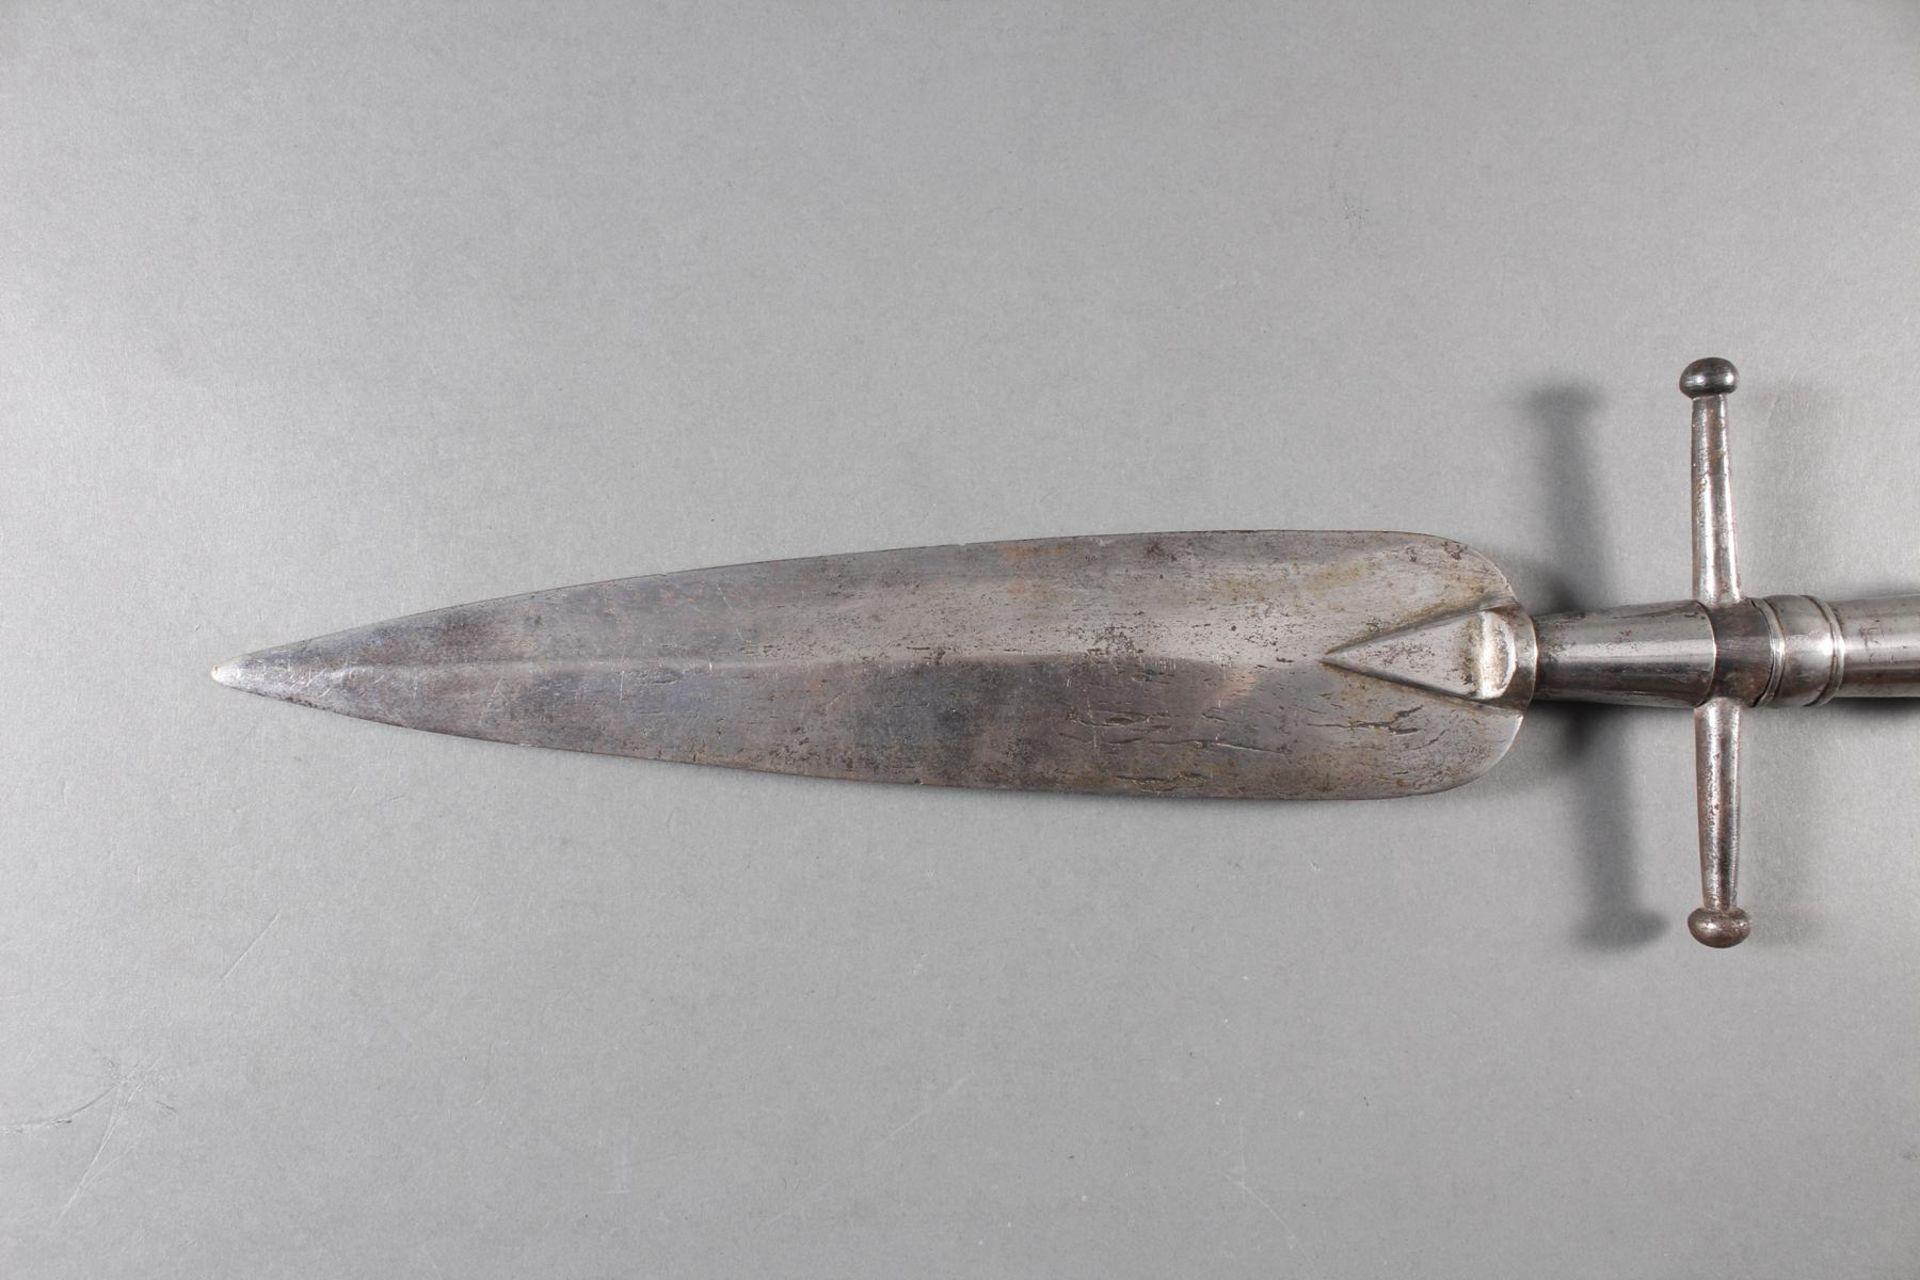 Eisen Lanzenspitze, sogenannte Saufeder, wohl deutsch 18. Jahrhundert - Bild 4 aus 4